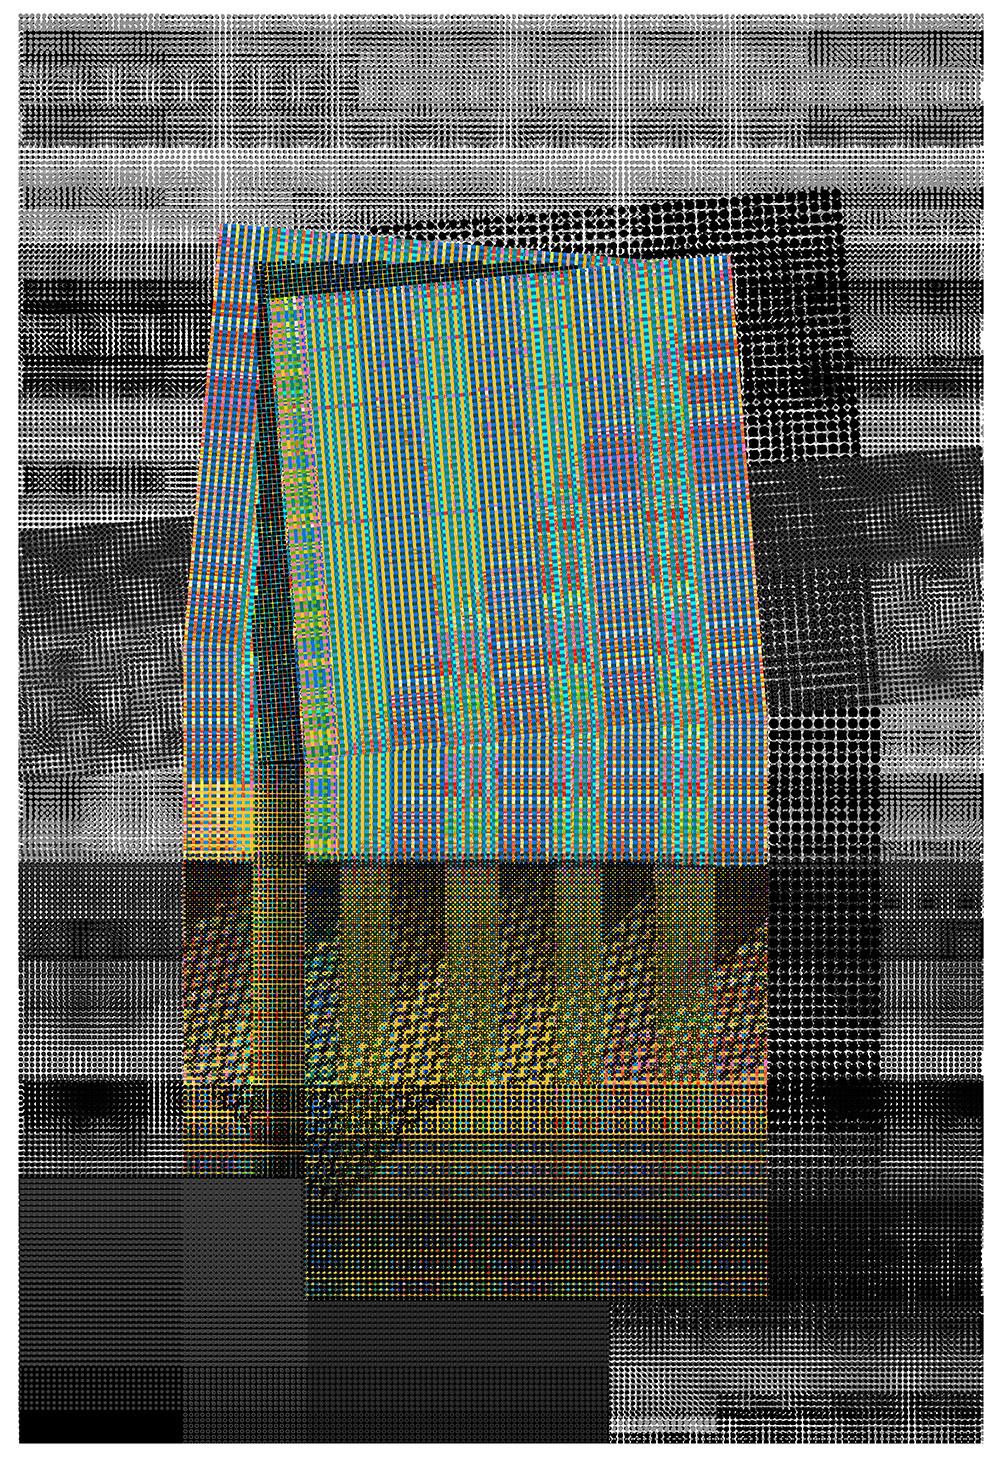 Building Portraits par Elena Manferdini: Quand les pixels rencontrent les vecteurs